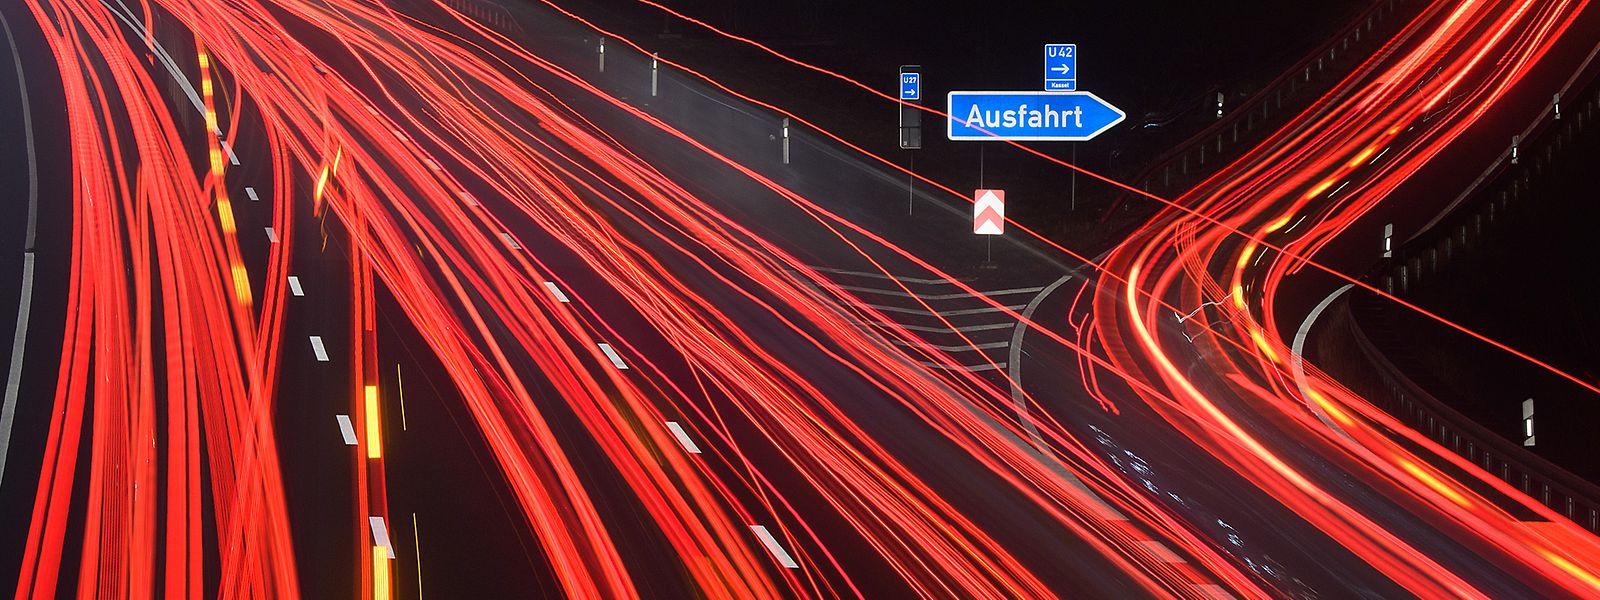 Eine Maut nur für Ausländer. Das wird es laut EuGH-Urteil in Deutschland nicht geben.